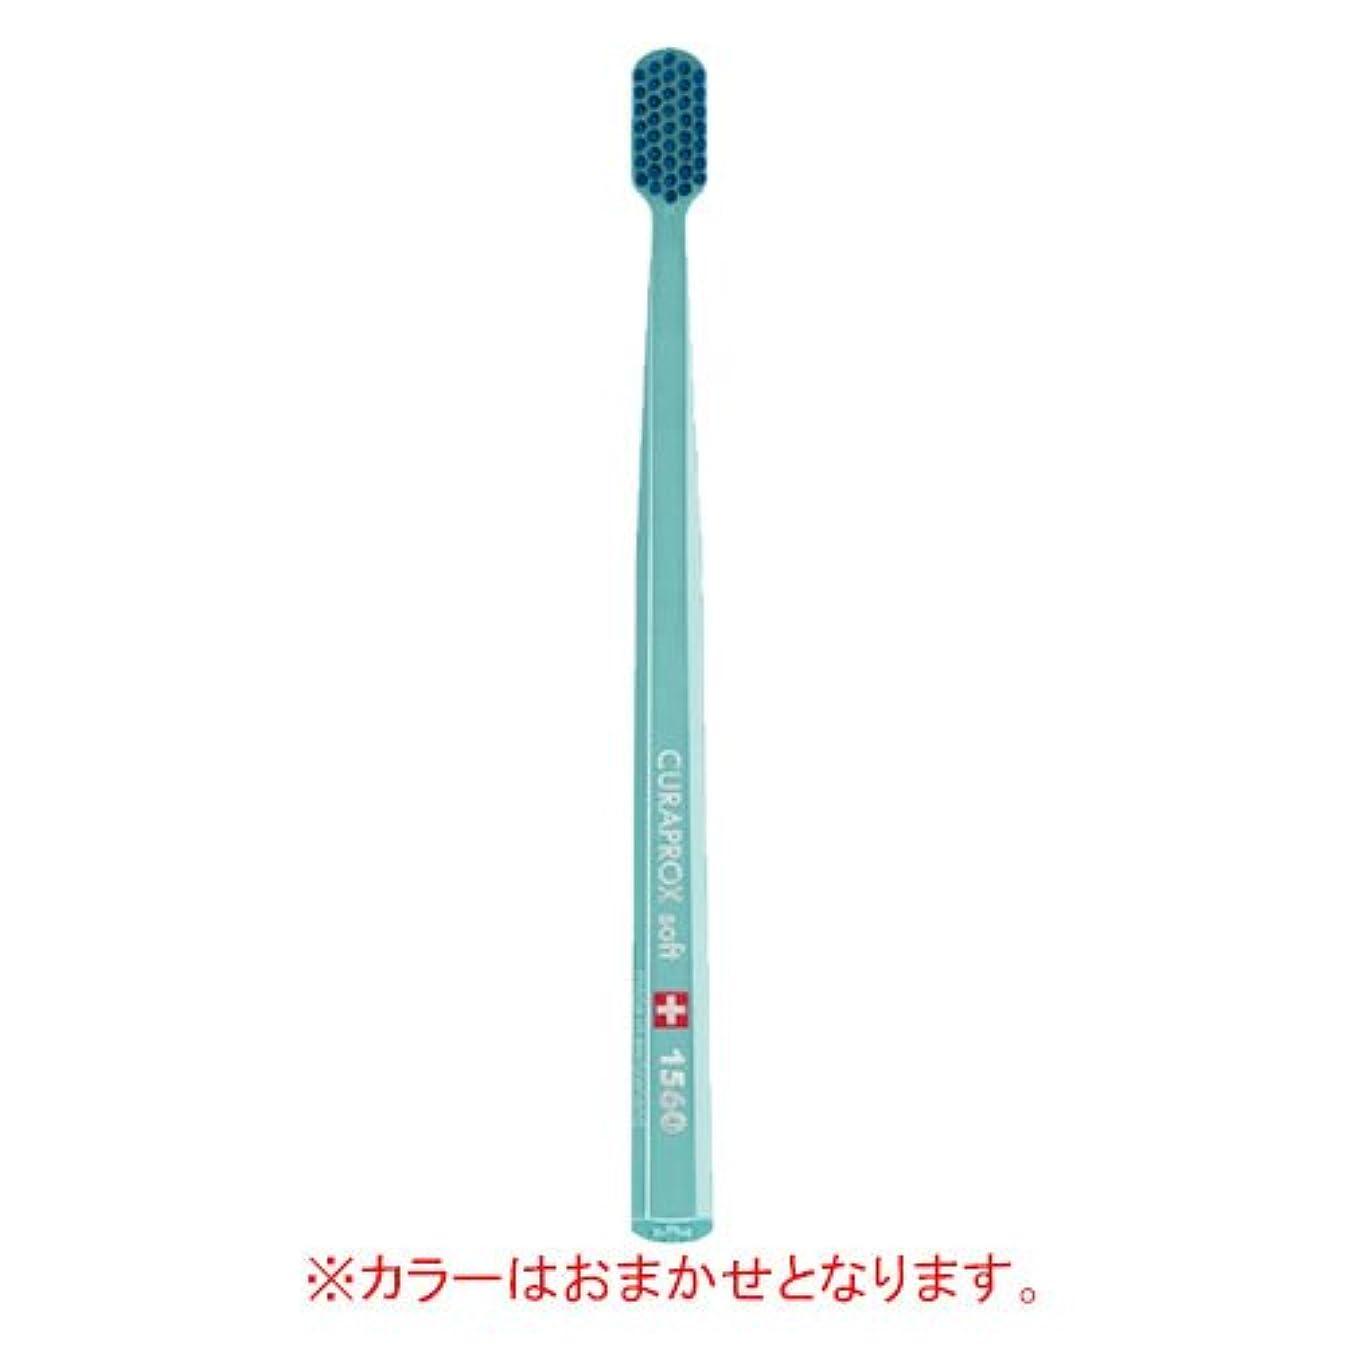 時刻表無謀自分のためにキュラプロックス Curaprox 超極細毛歯ブラシ ソフト CS1560 1本